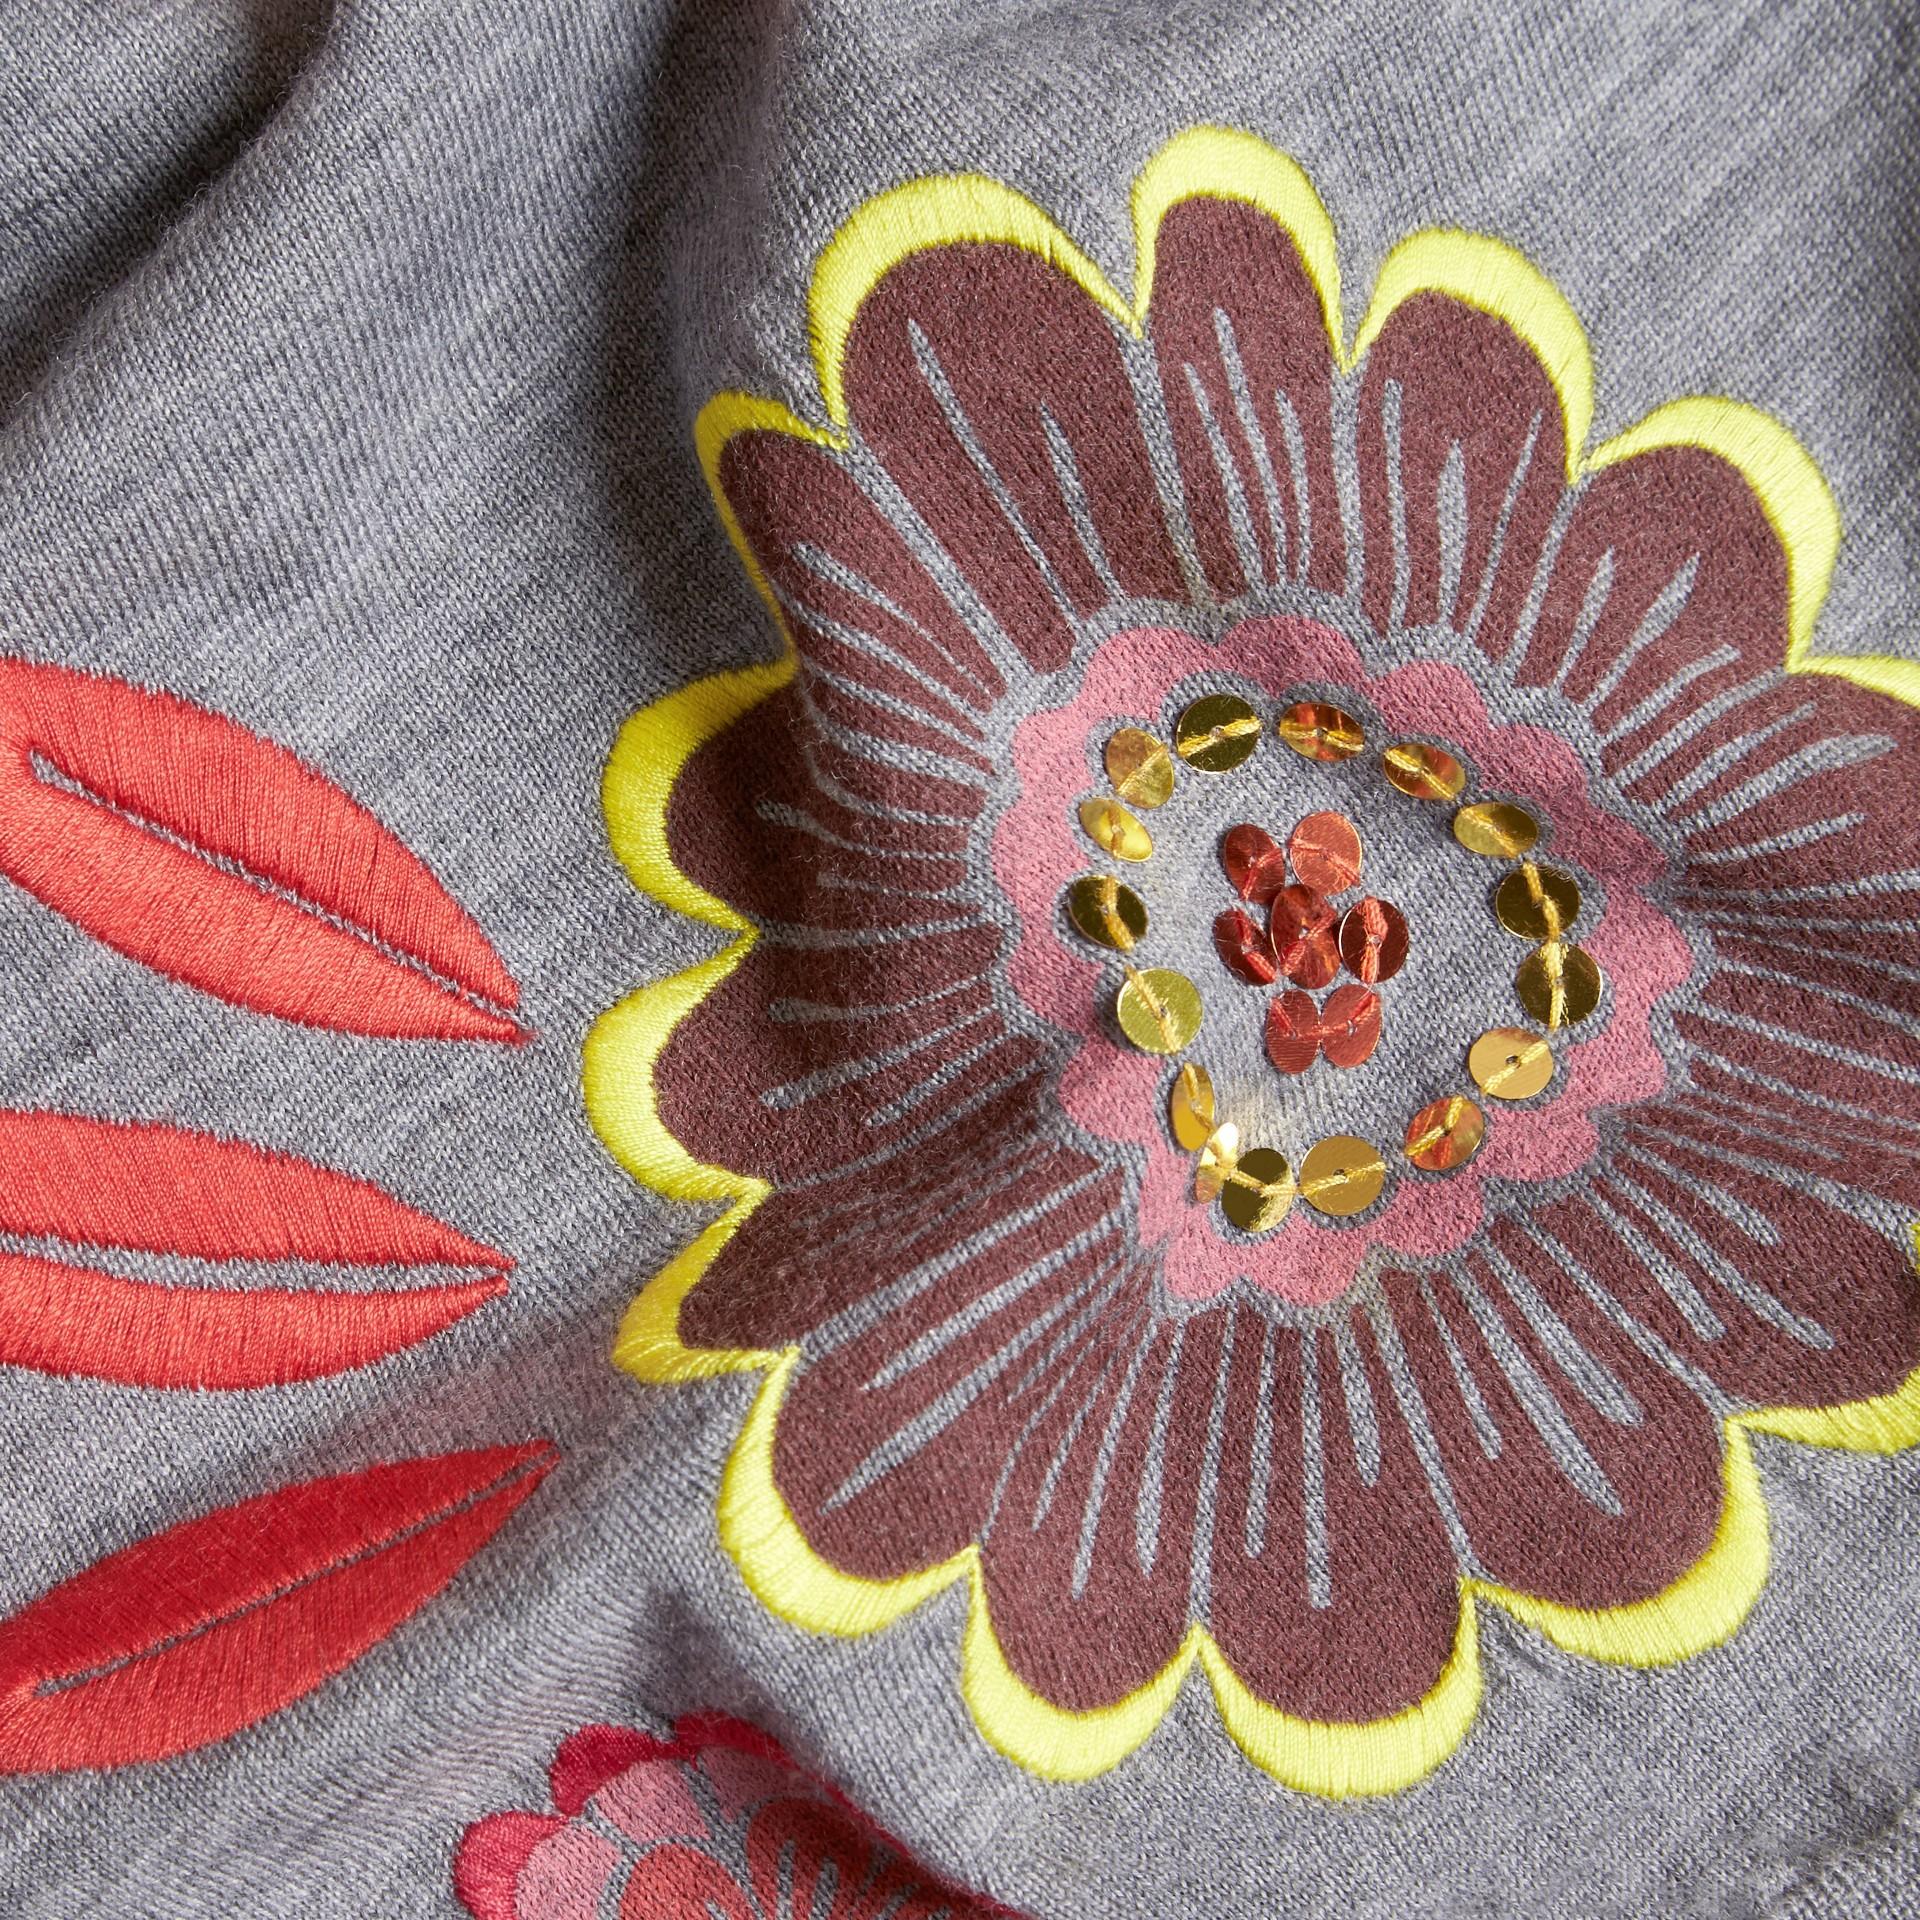 Grigio medio mélange Pullover in lana Merino con scollo a V e decorazione floreale - immagine della galleria 2